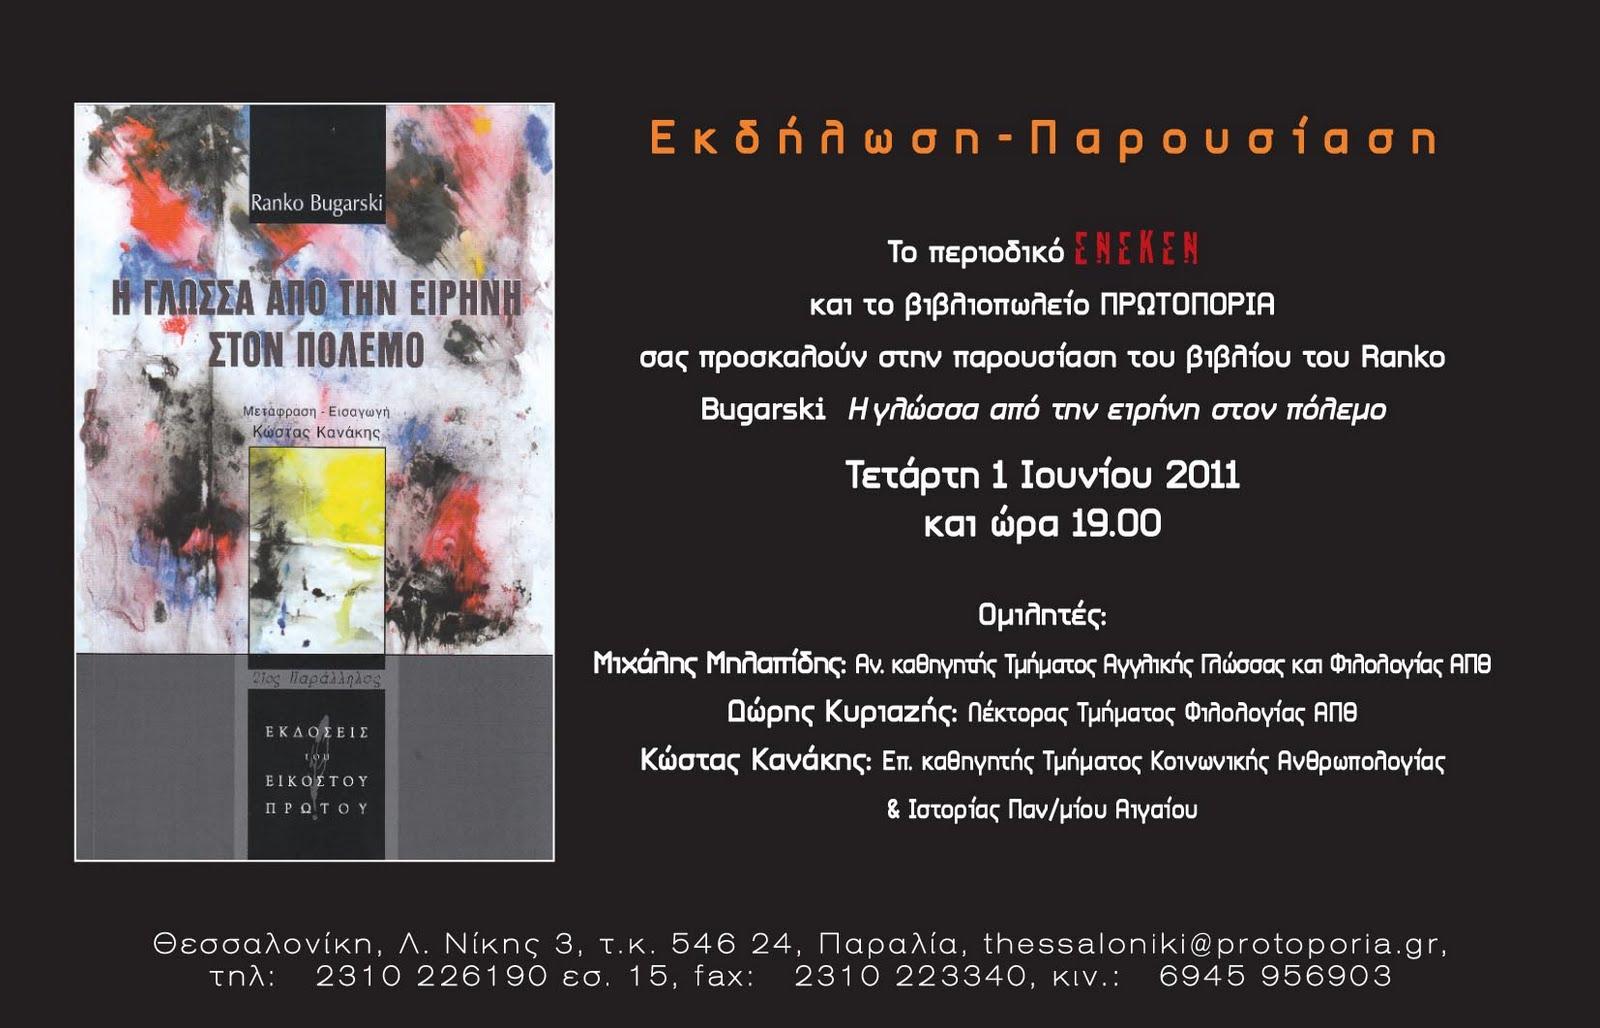 http://4.bp.blogspot.com/-2we_QKT2BXQ/Tdyu7Mc57rI/AAAAAAAAAMQ/_iiTjaXNmc8/s1600/Ranko+Bugarski+.jpg